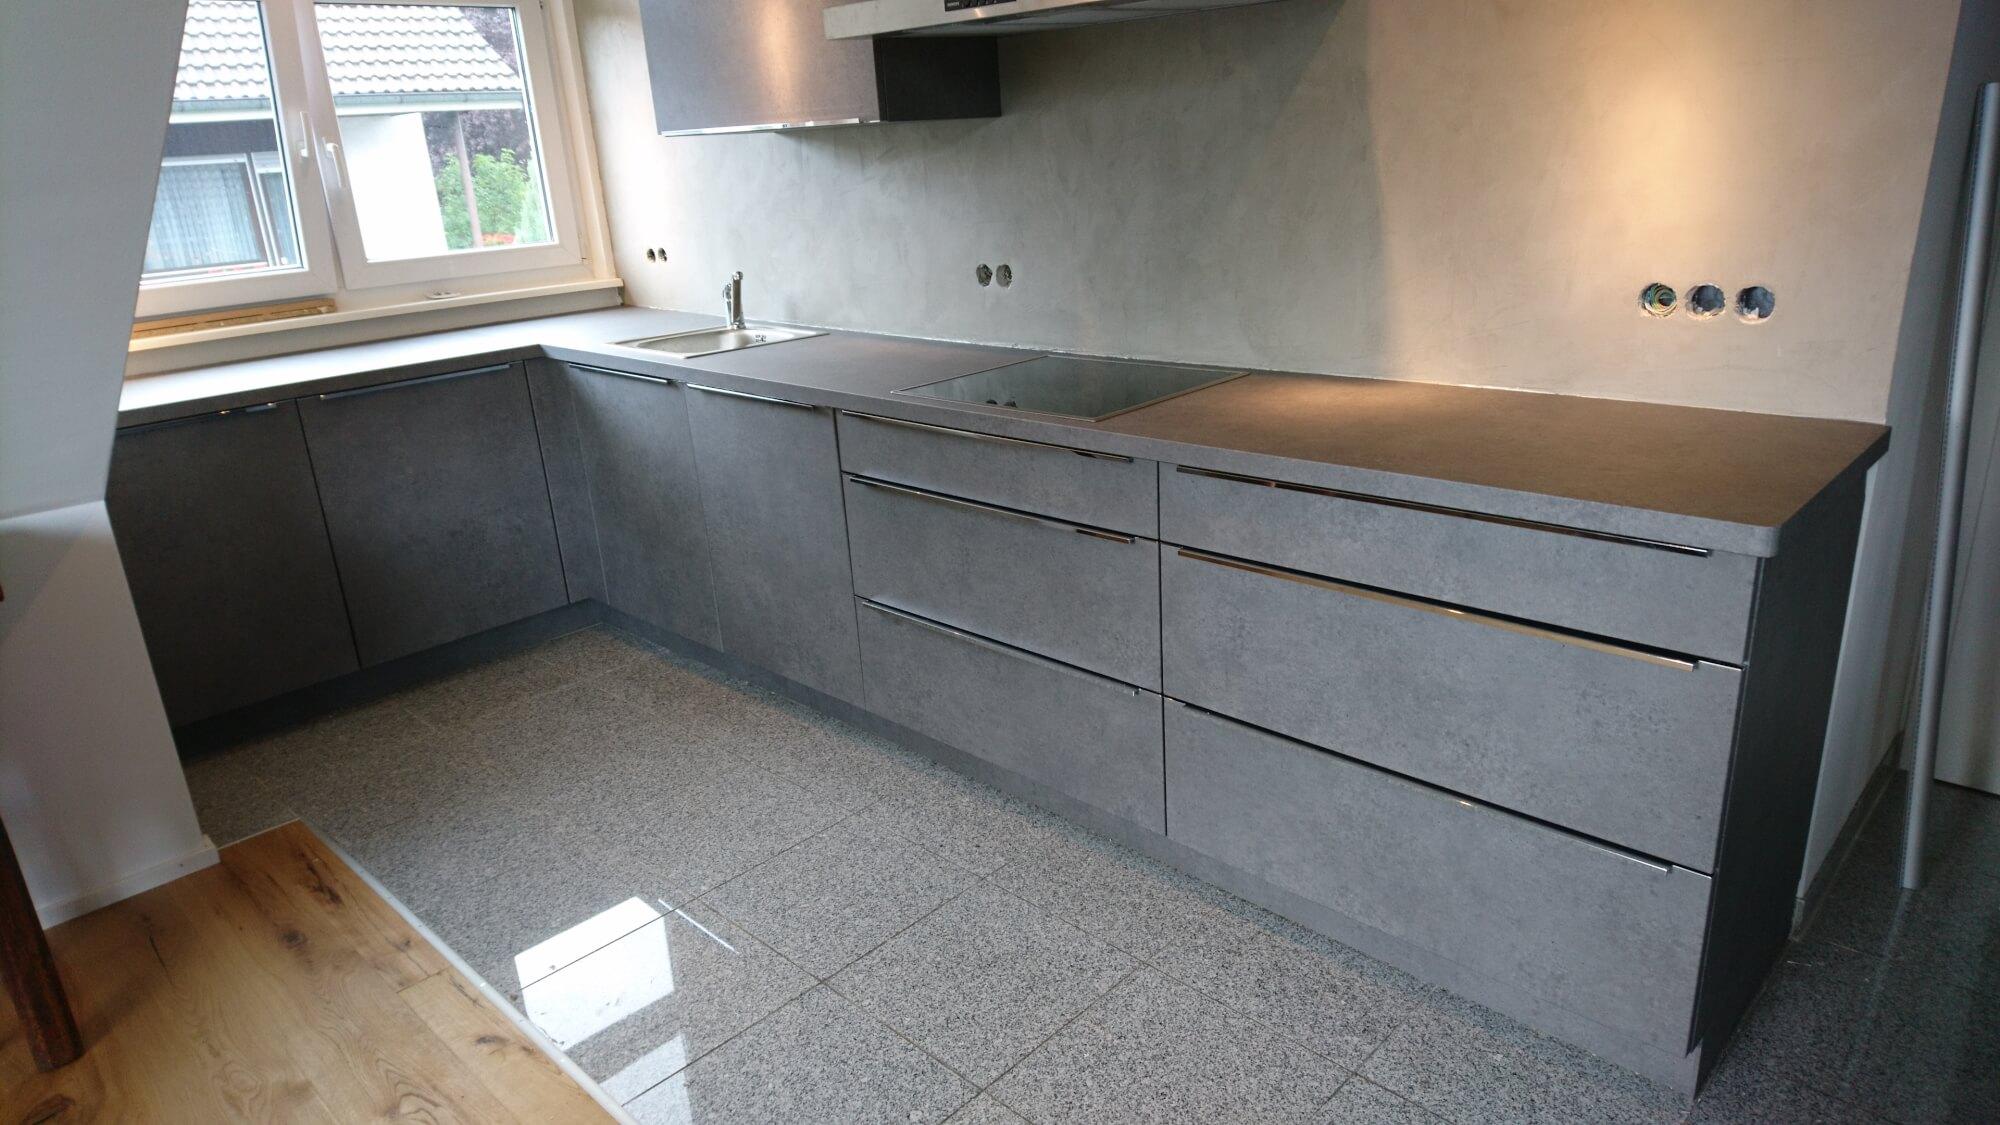 Full Size of Edelstahl Industrie Küche Industrie Küche Kaufen Industrie Küche Reinigen Industrie Küche Gebraucht Küche Industrie Küche